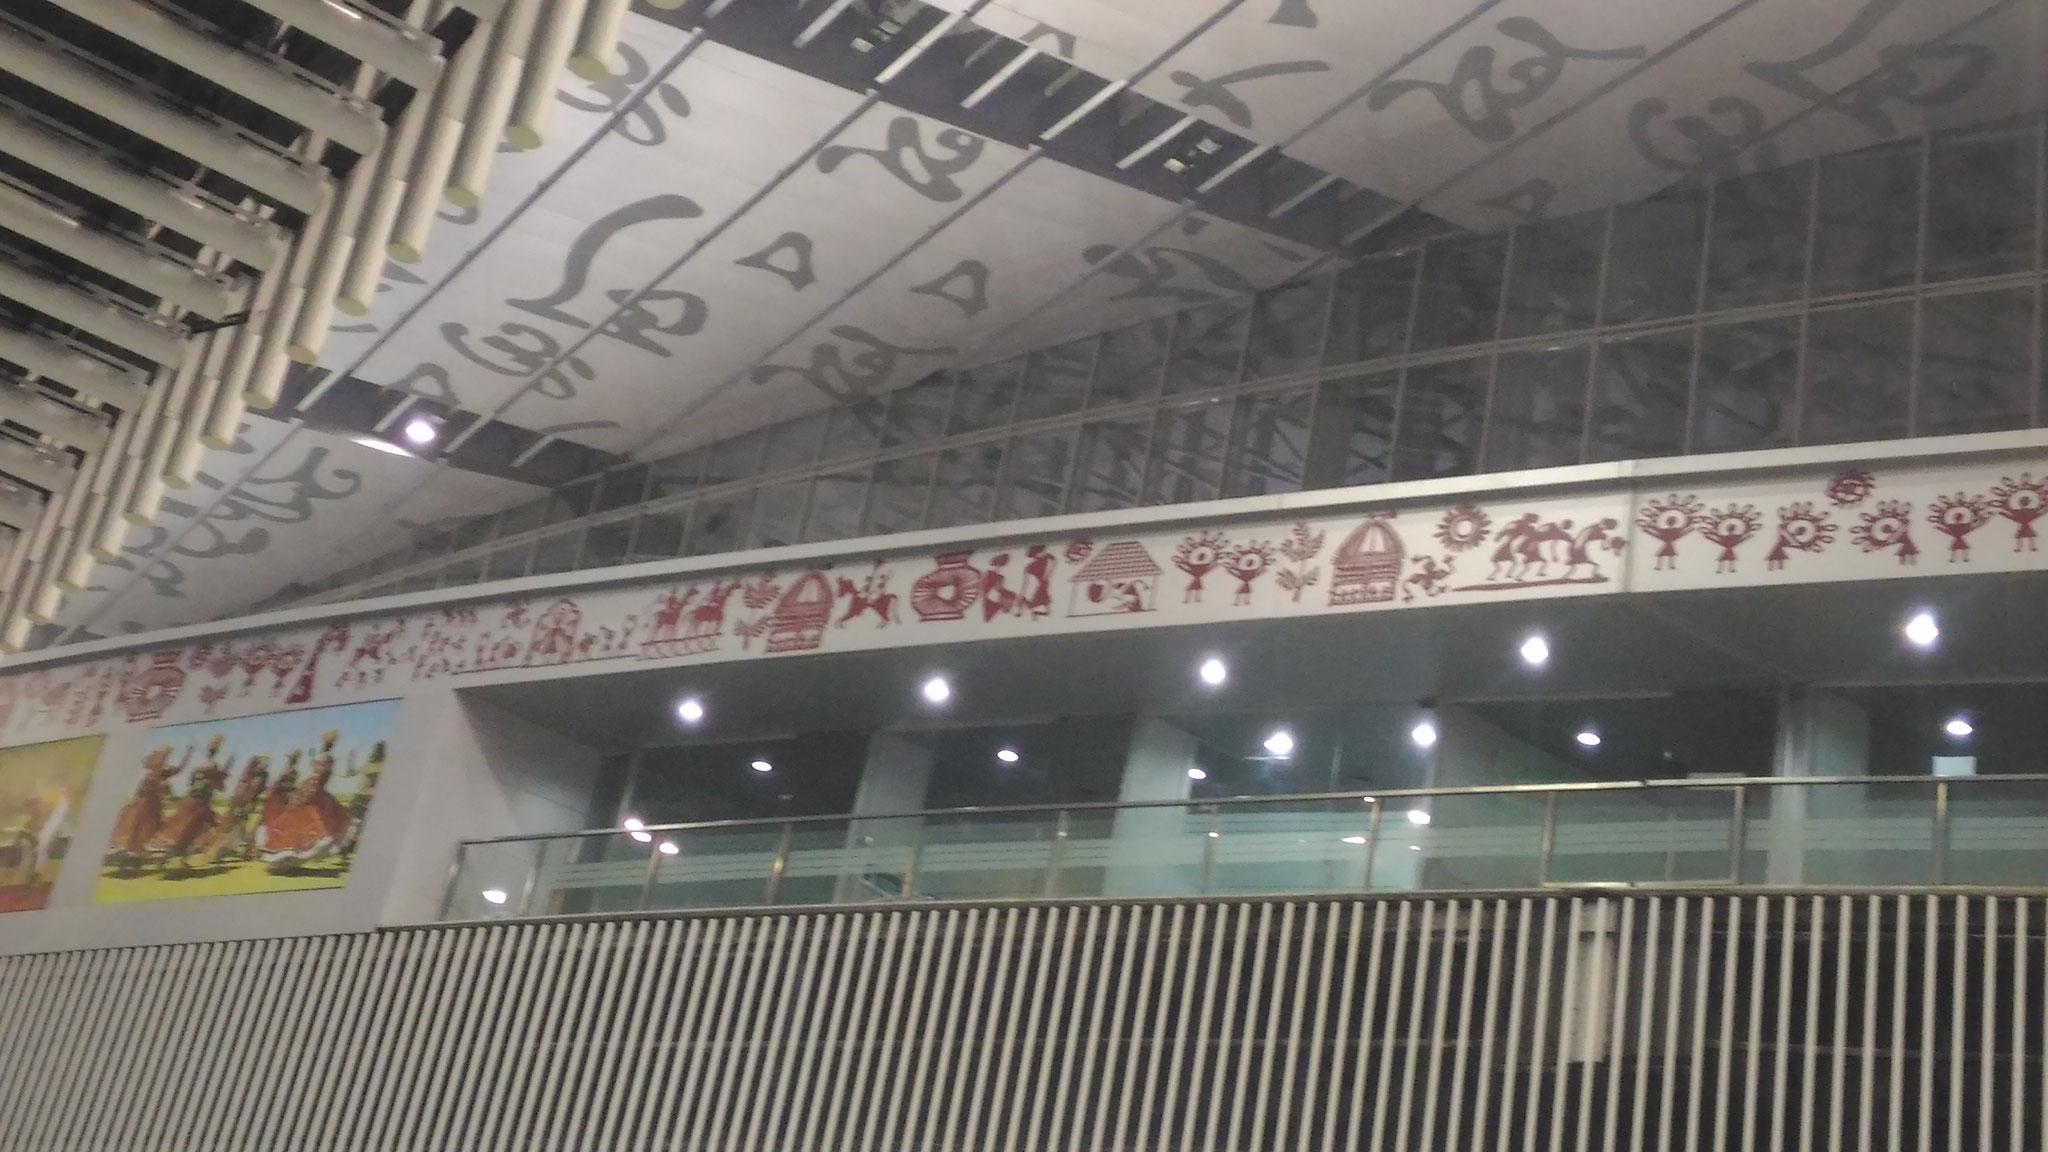 コルカタの空港の壁面を飾るwarli oainting